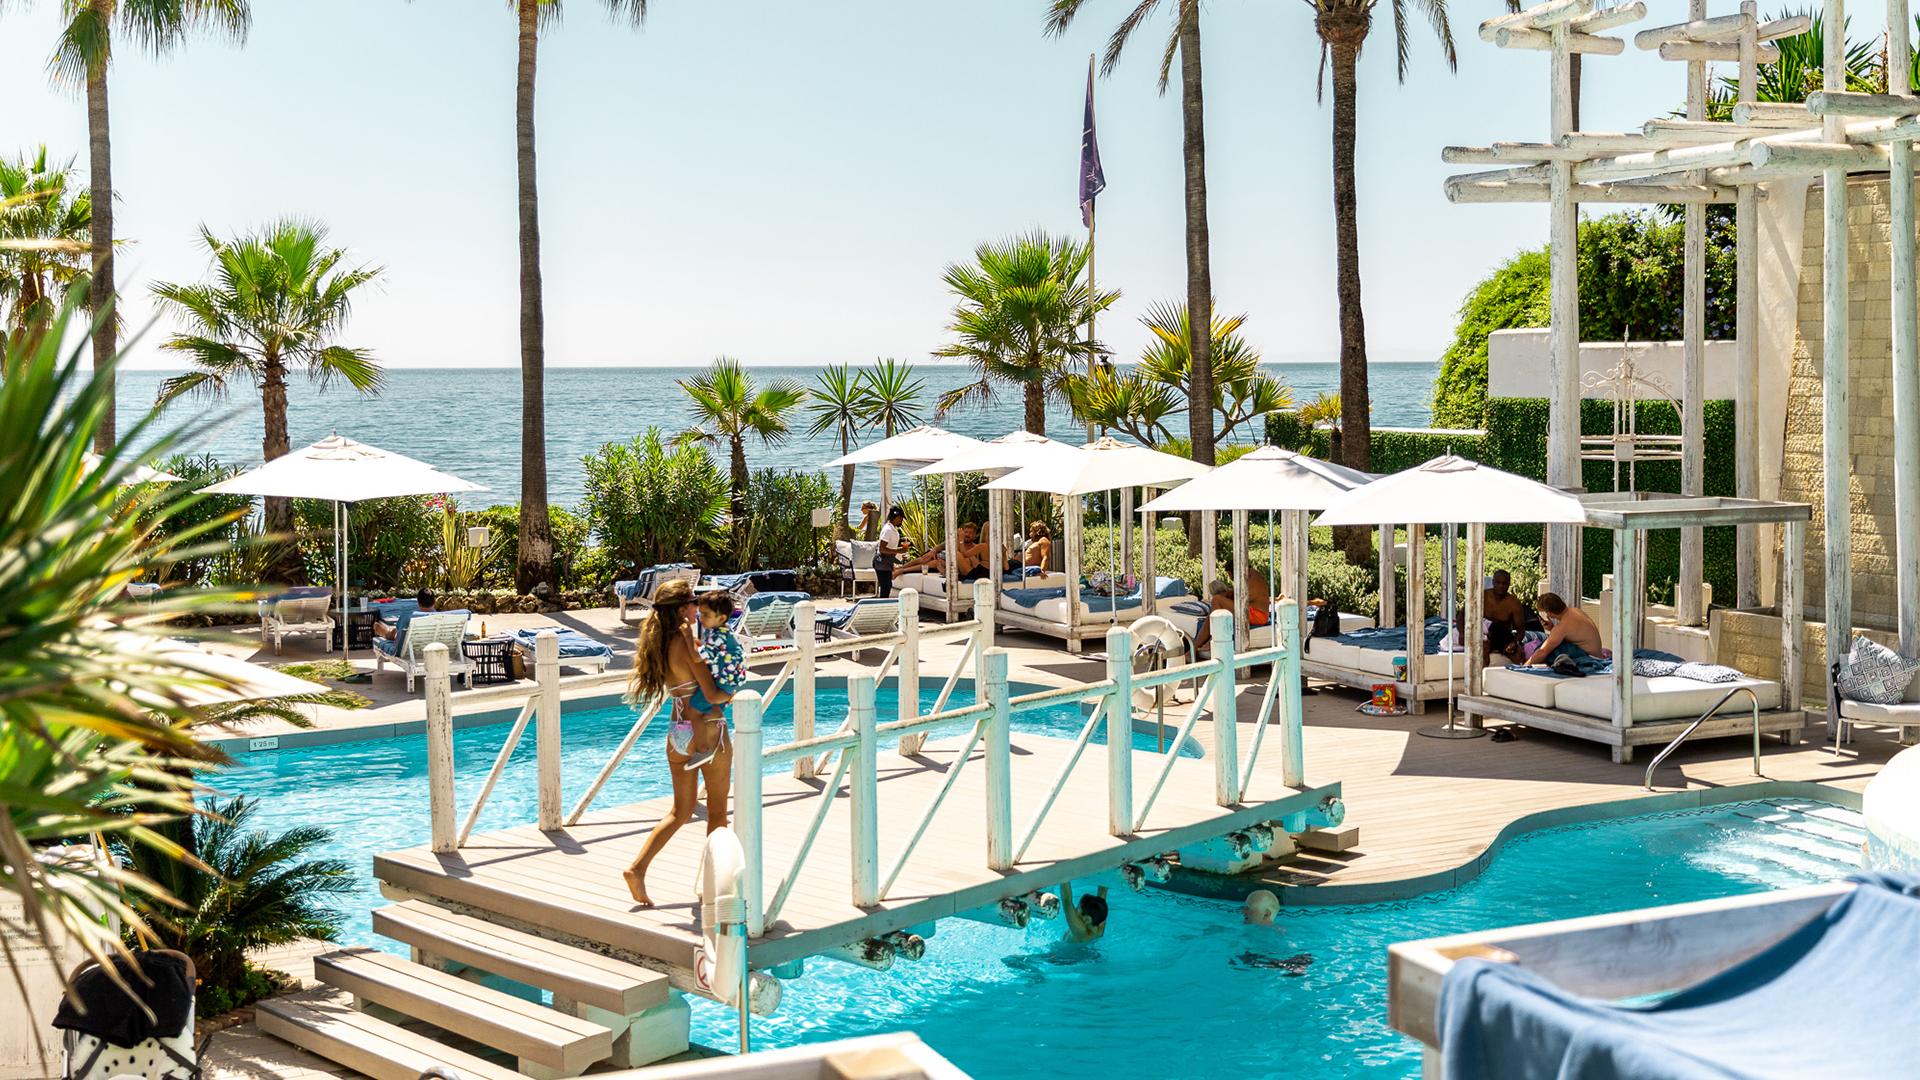 Die 4 besten Orte zum Probieren und Genießen in Marbella